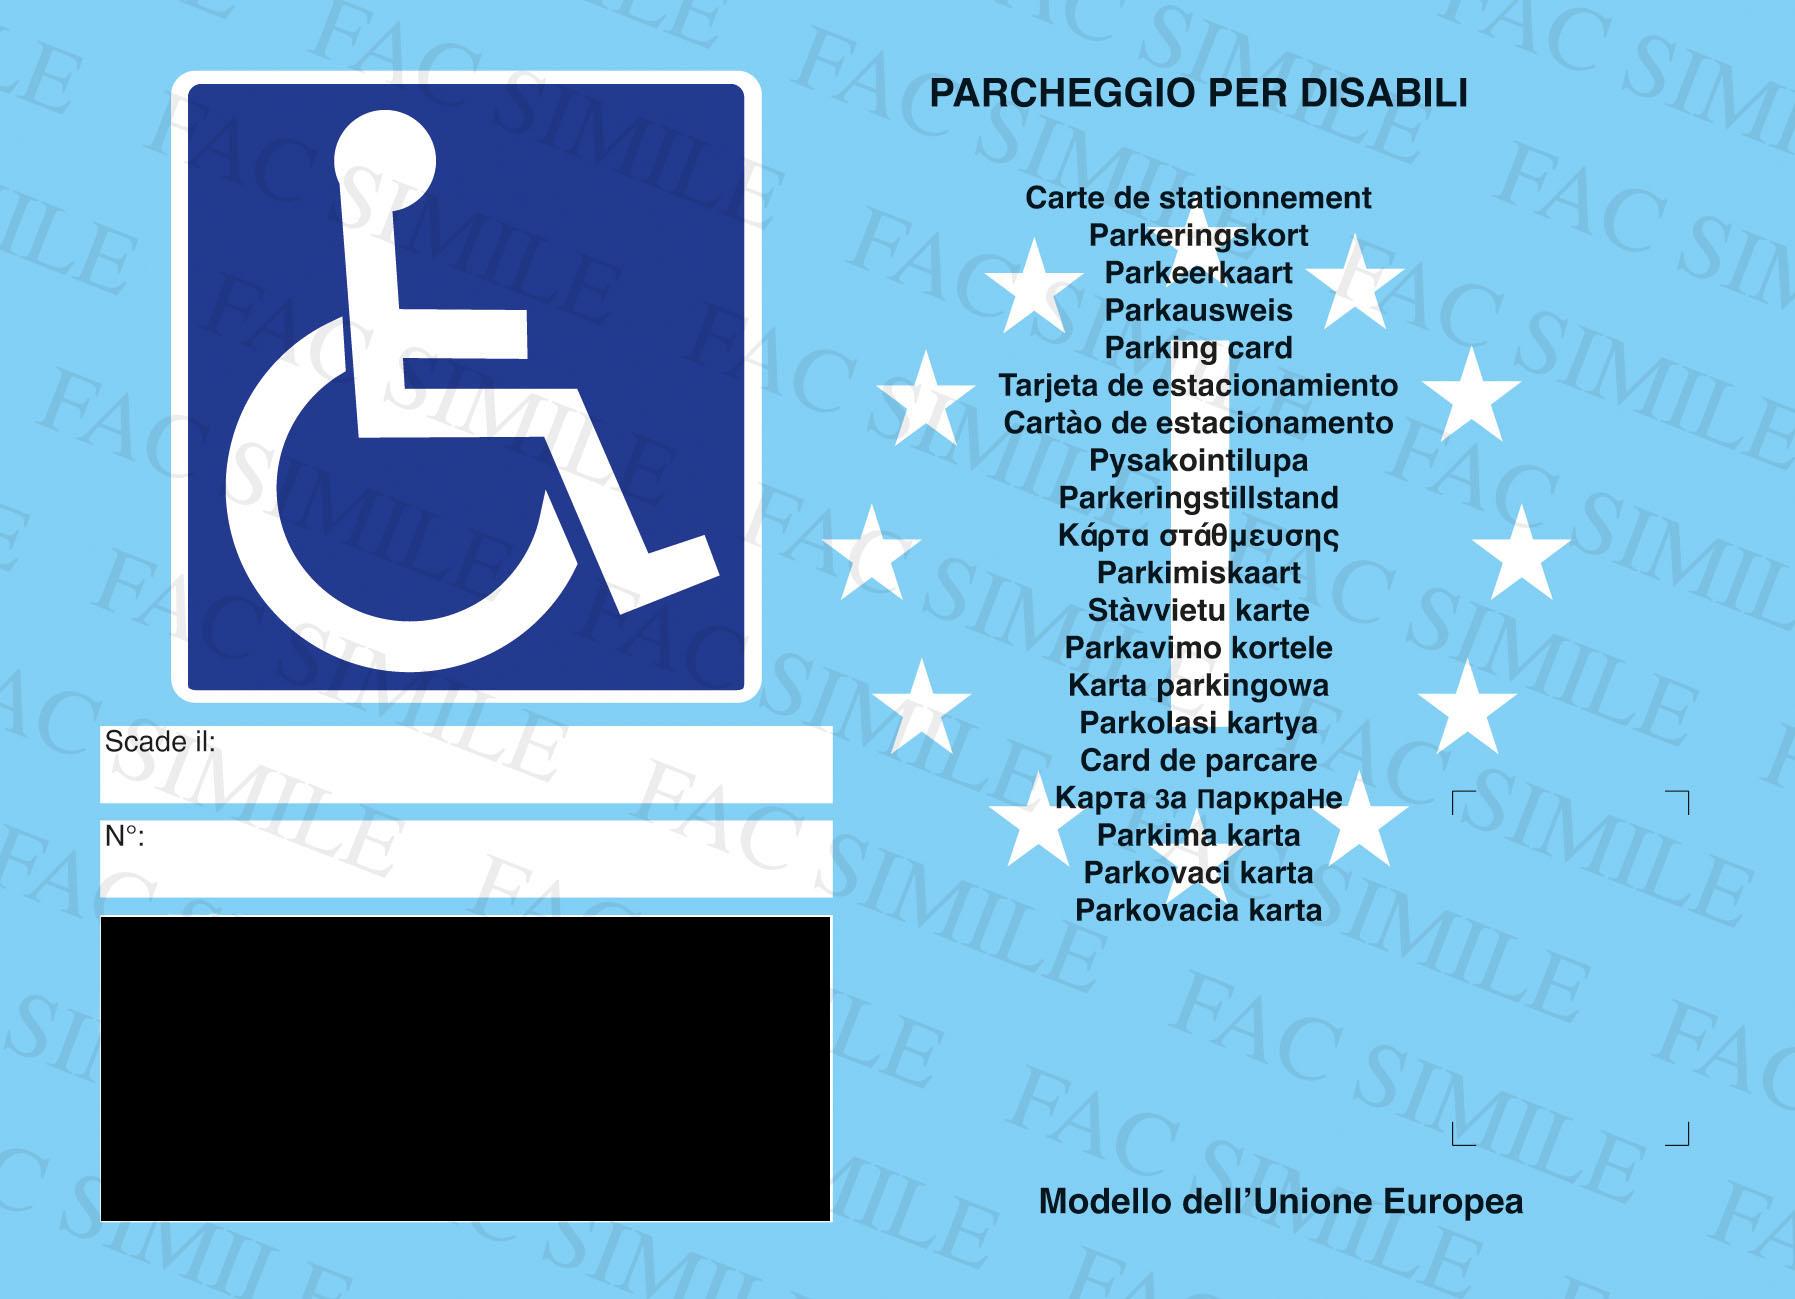 Sequestrati contrassegni per disabili …deceduti